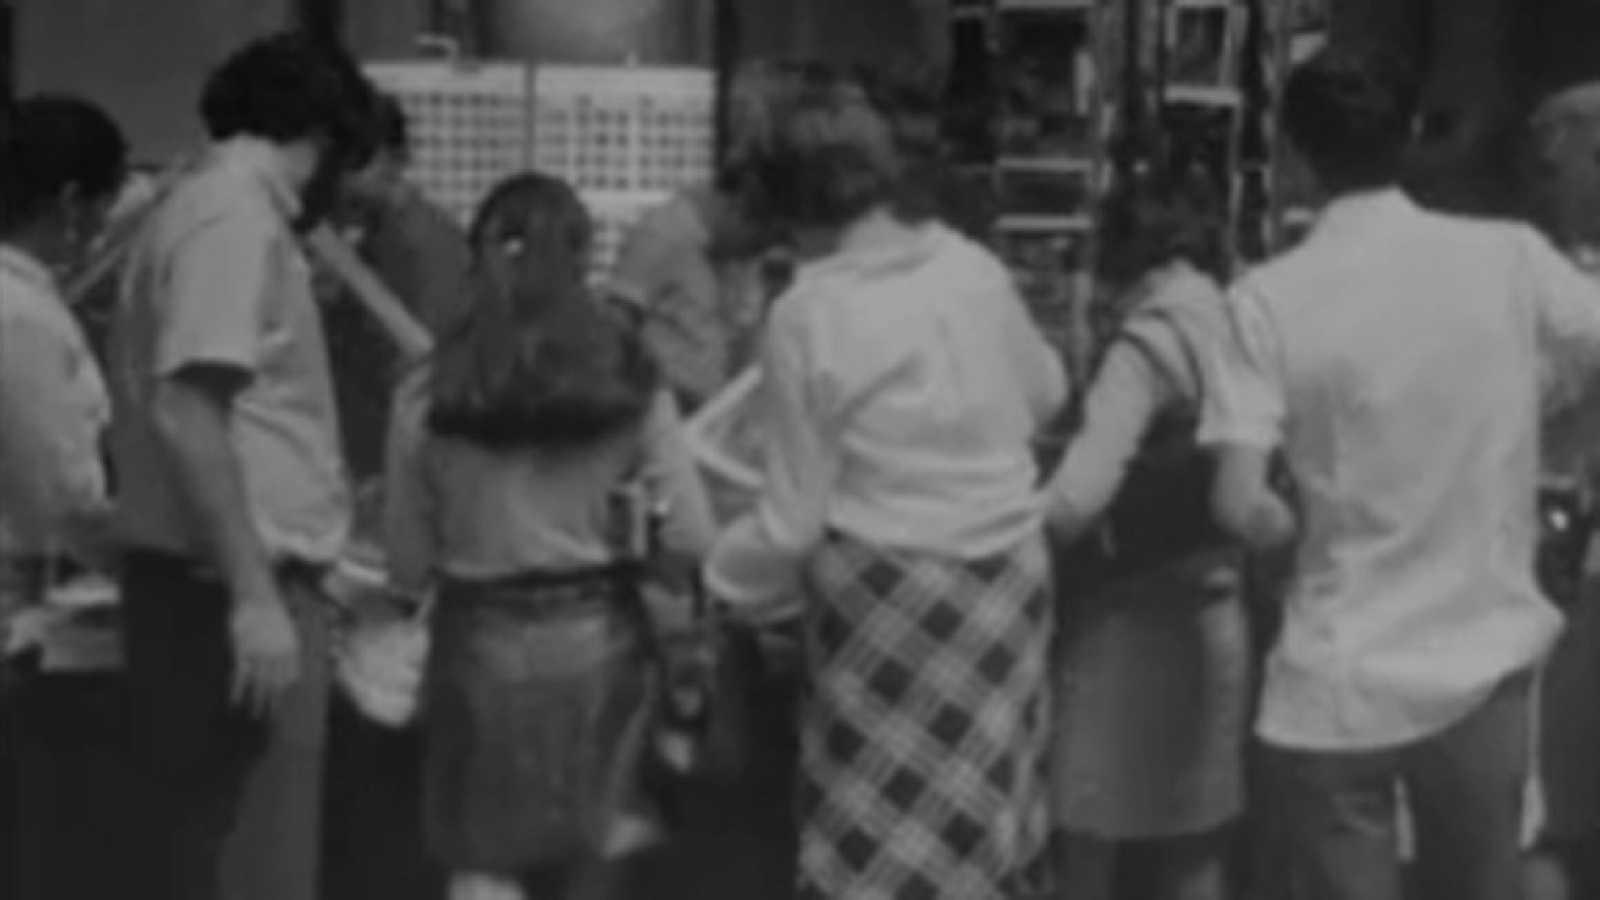 Noticias Nacional 1969 - Reportaje sobre el Museo del Prado